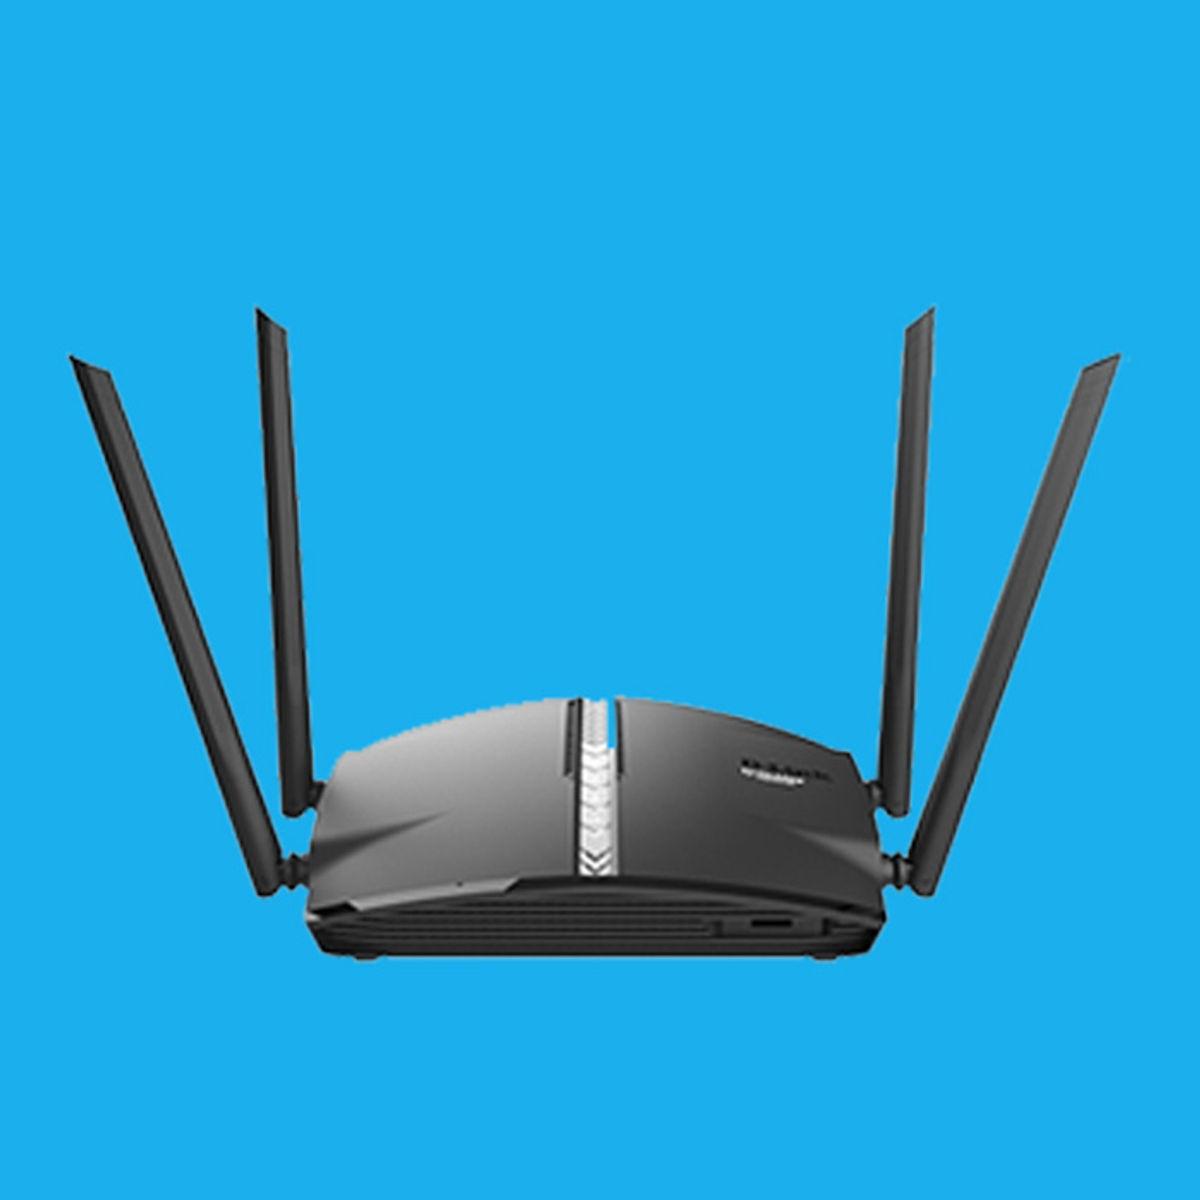 ಡಿ-ಲಿಂಕ್ DIR-1360 AC1300 Smart Mesh Wi-Fi Router